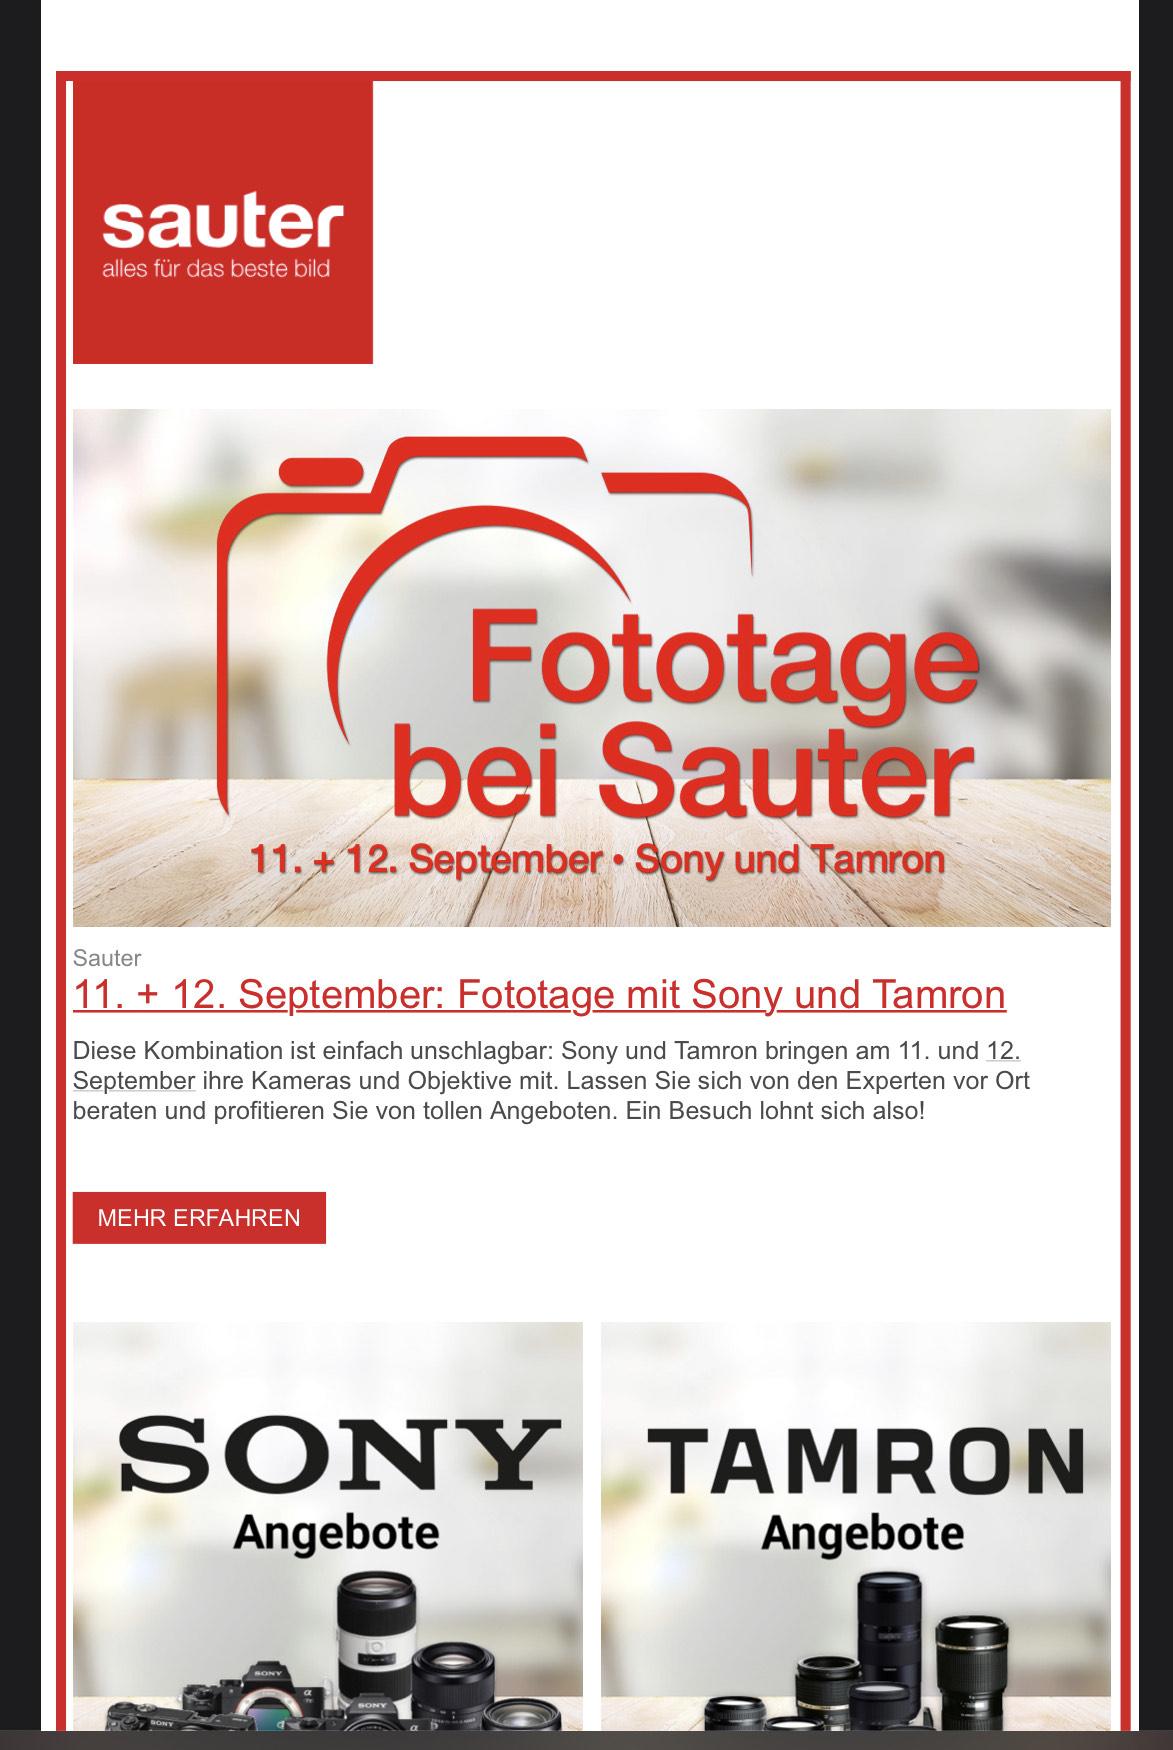 Foto Tage bei Sauter 5% auf Sony und Tamron + Zubehörgutschein